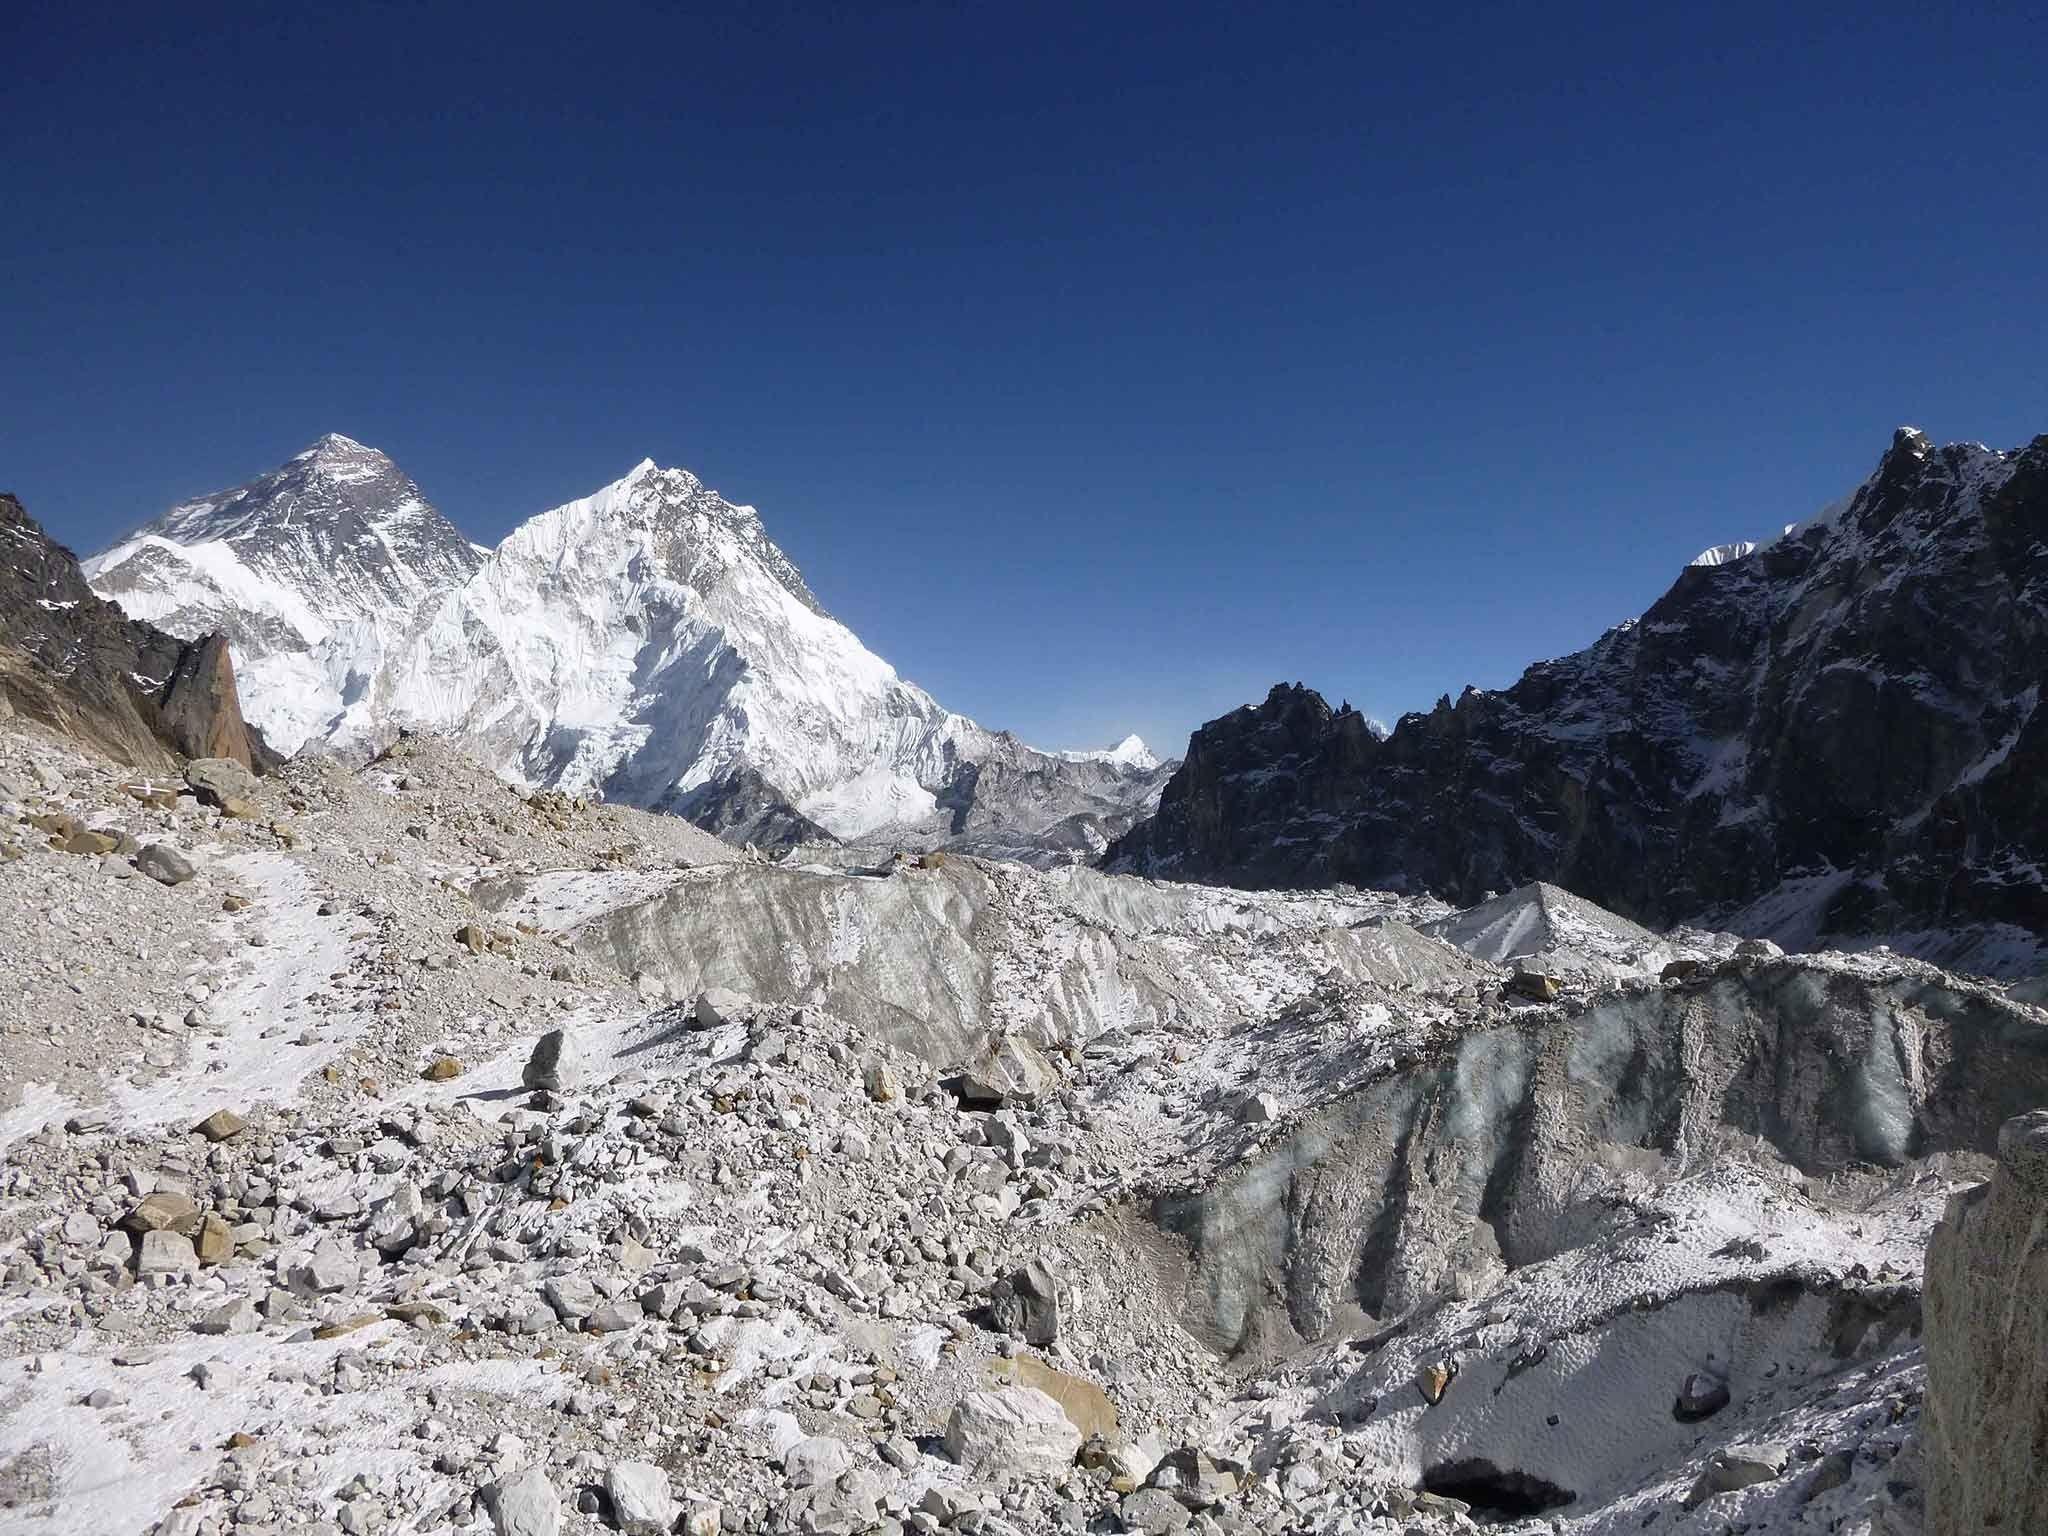 Les glaciers himalayens fondent beaucoup plus vite que prévu | National Geographic